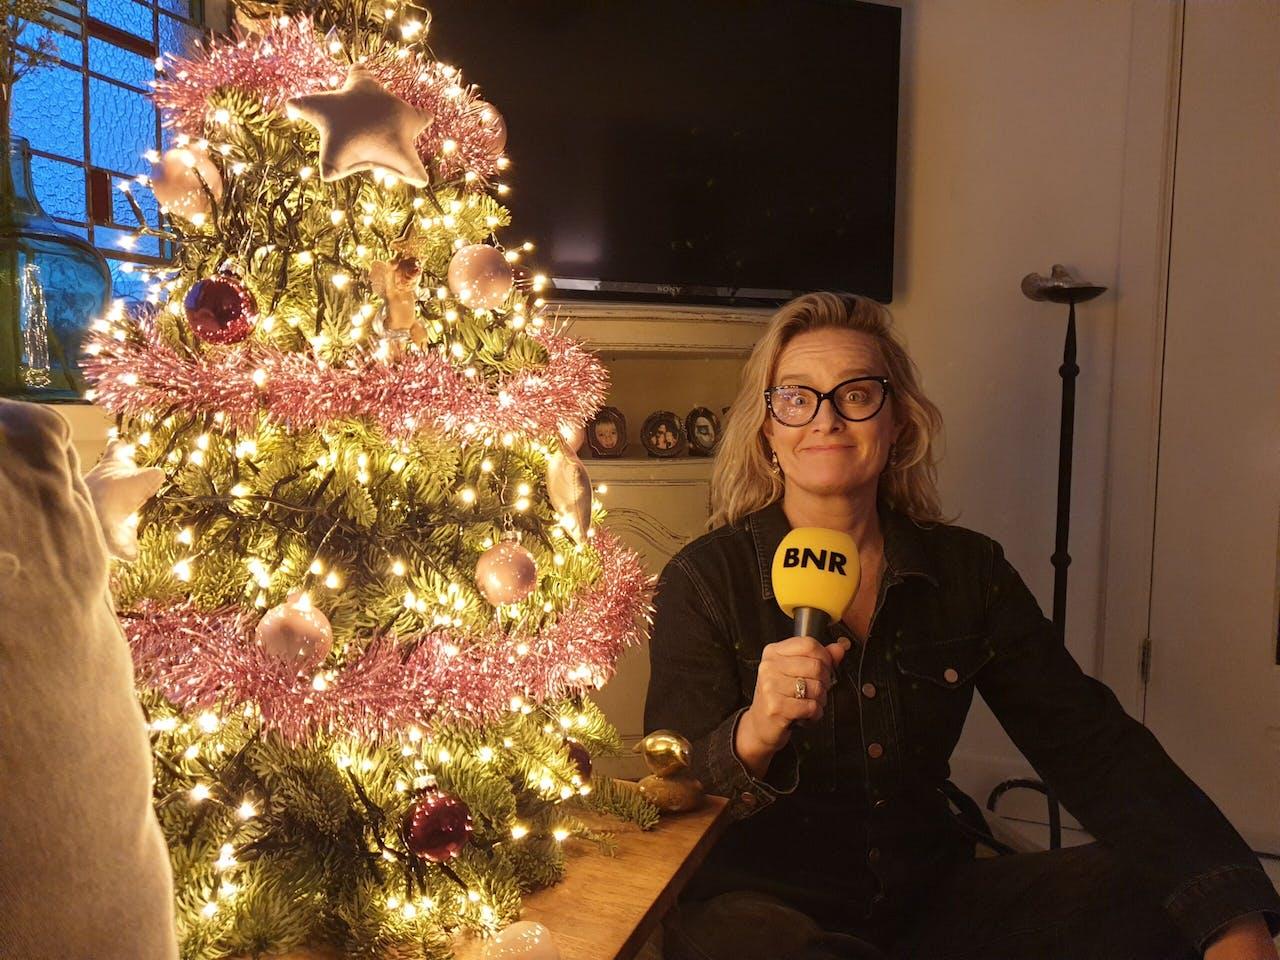 Cabaretière Martine Sandifort thuis bij de kerstboom